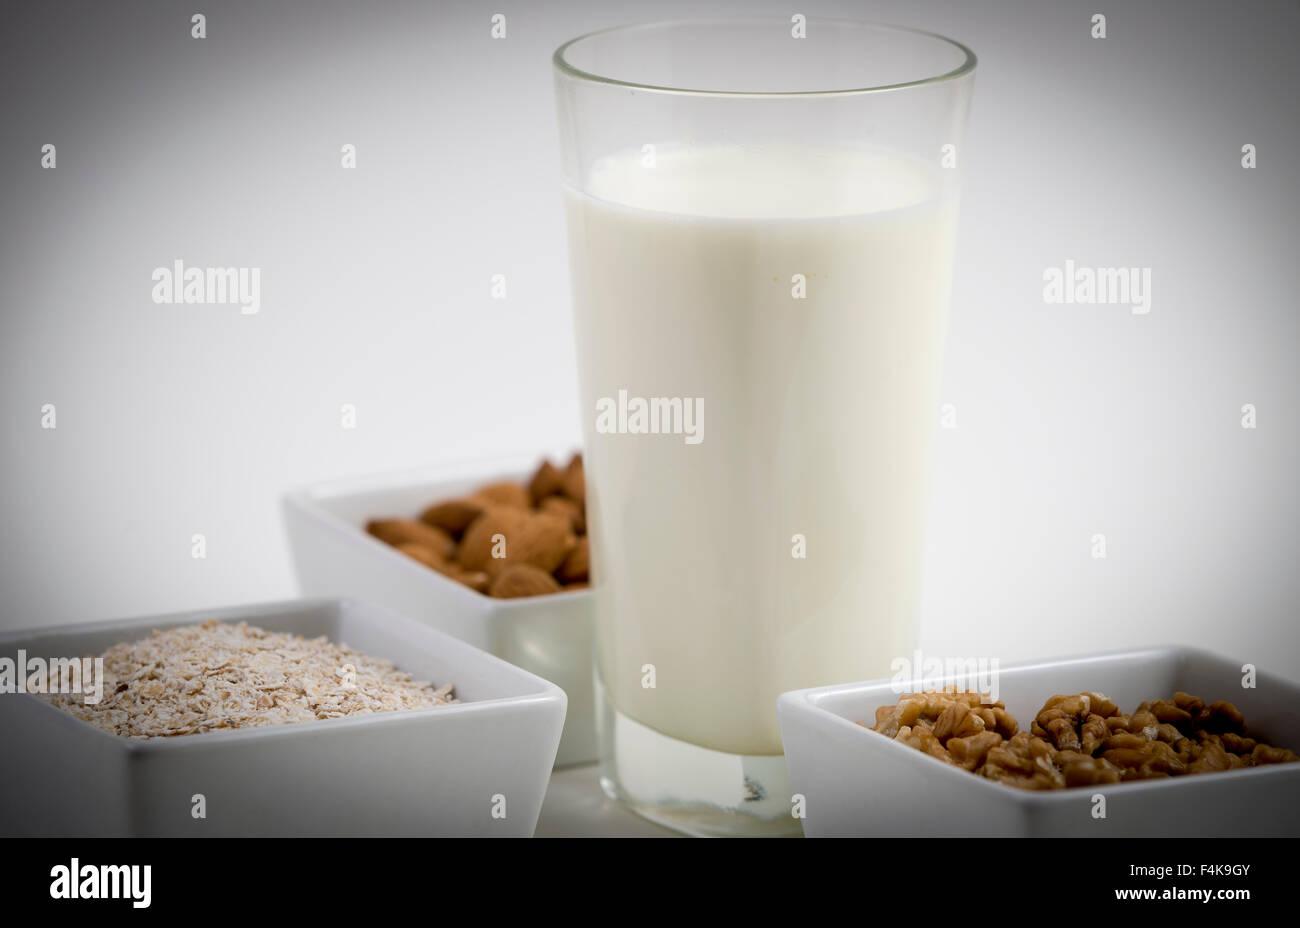 Leche y productos naturales Imagen De Stock